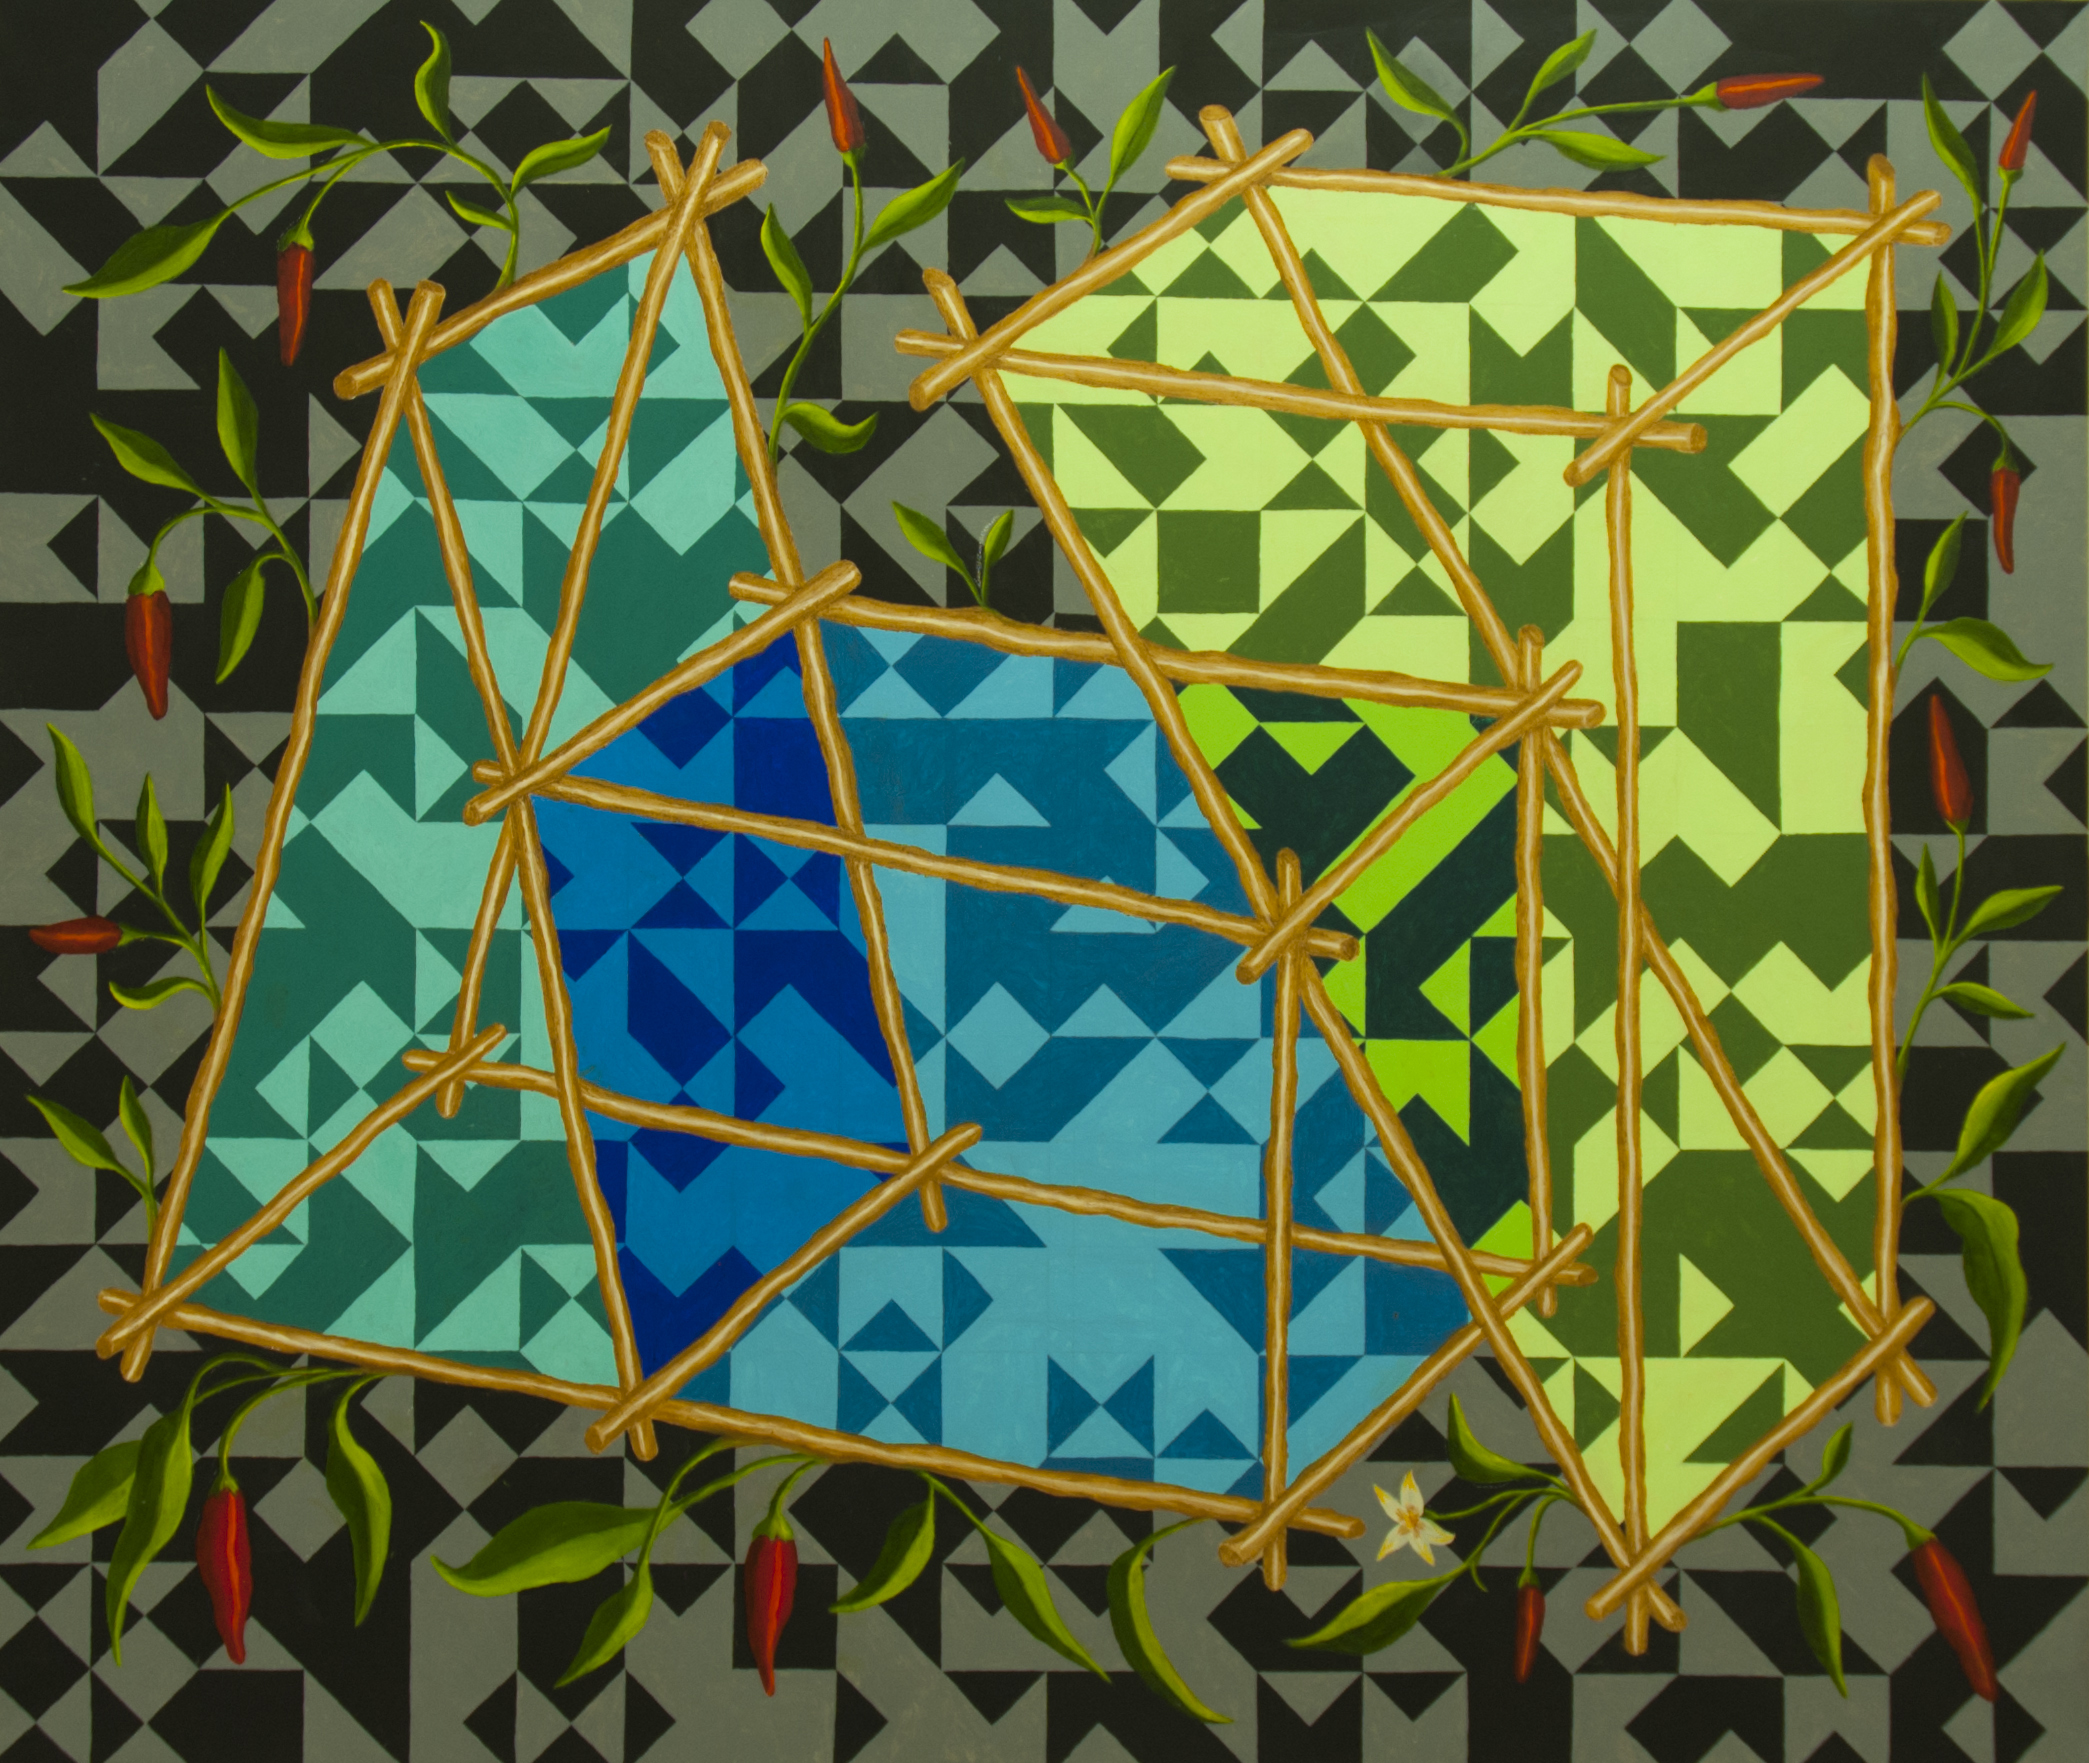 Patricio Cabrera Estructuras con guindillas,2018Acrílico y óleo sobre tela146 x 170cm